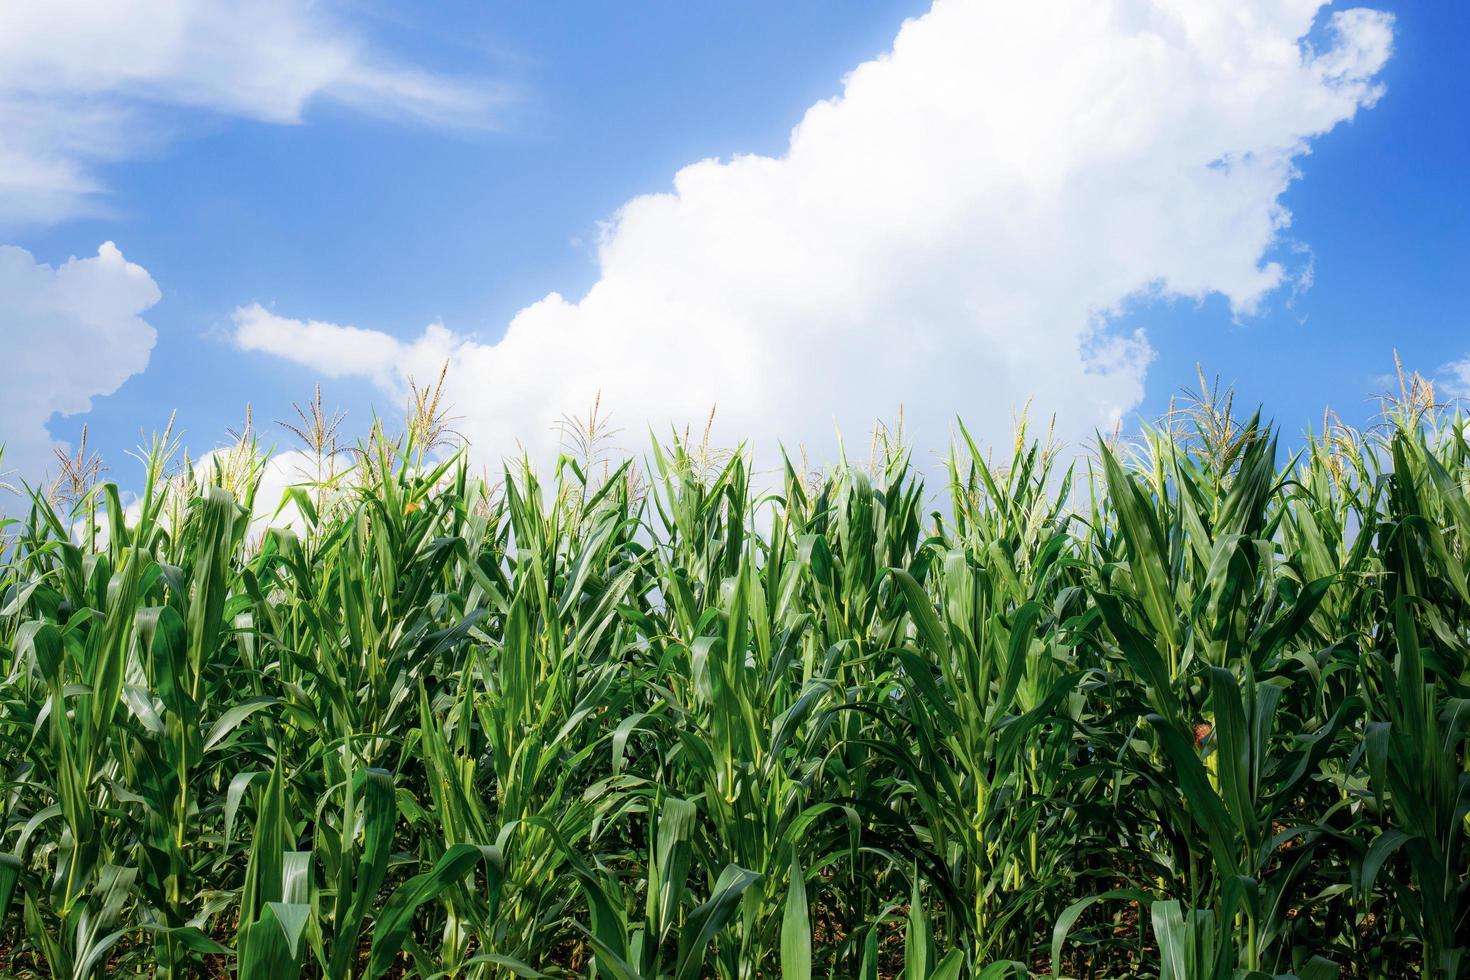 utsikt över majsfält på sommardag i Thailand foto